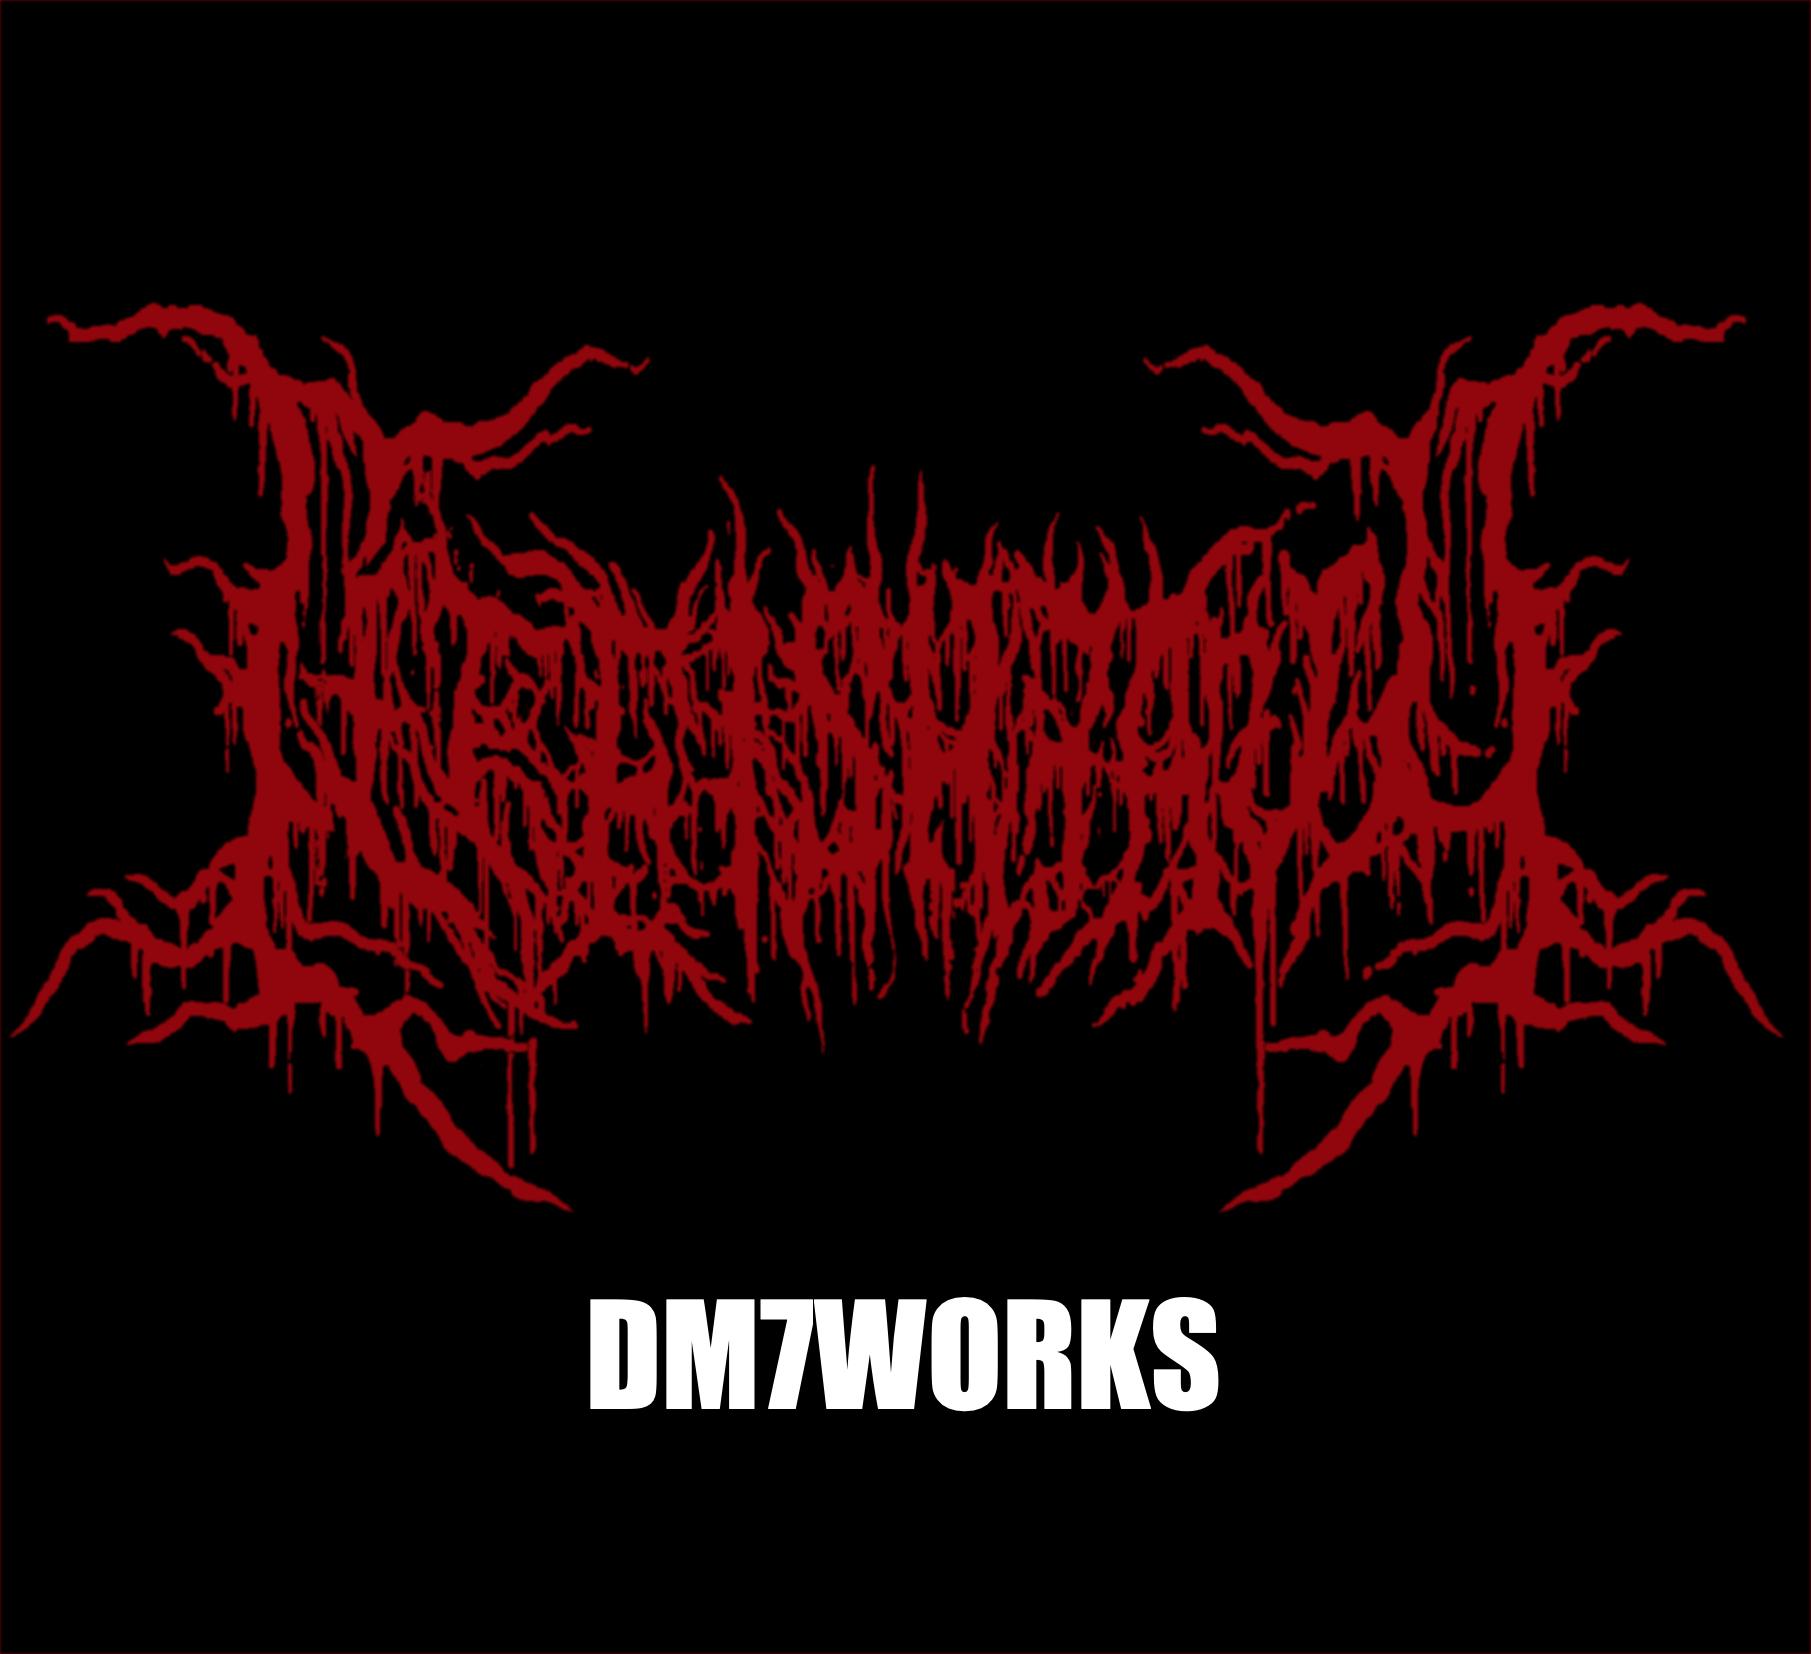 dm7works